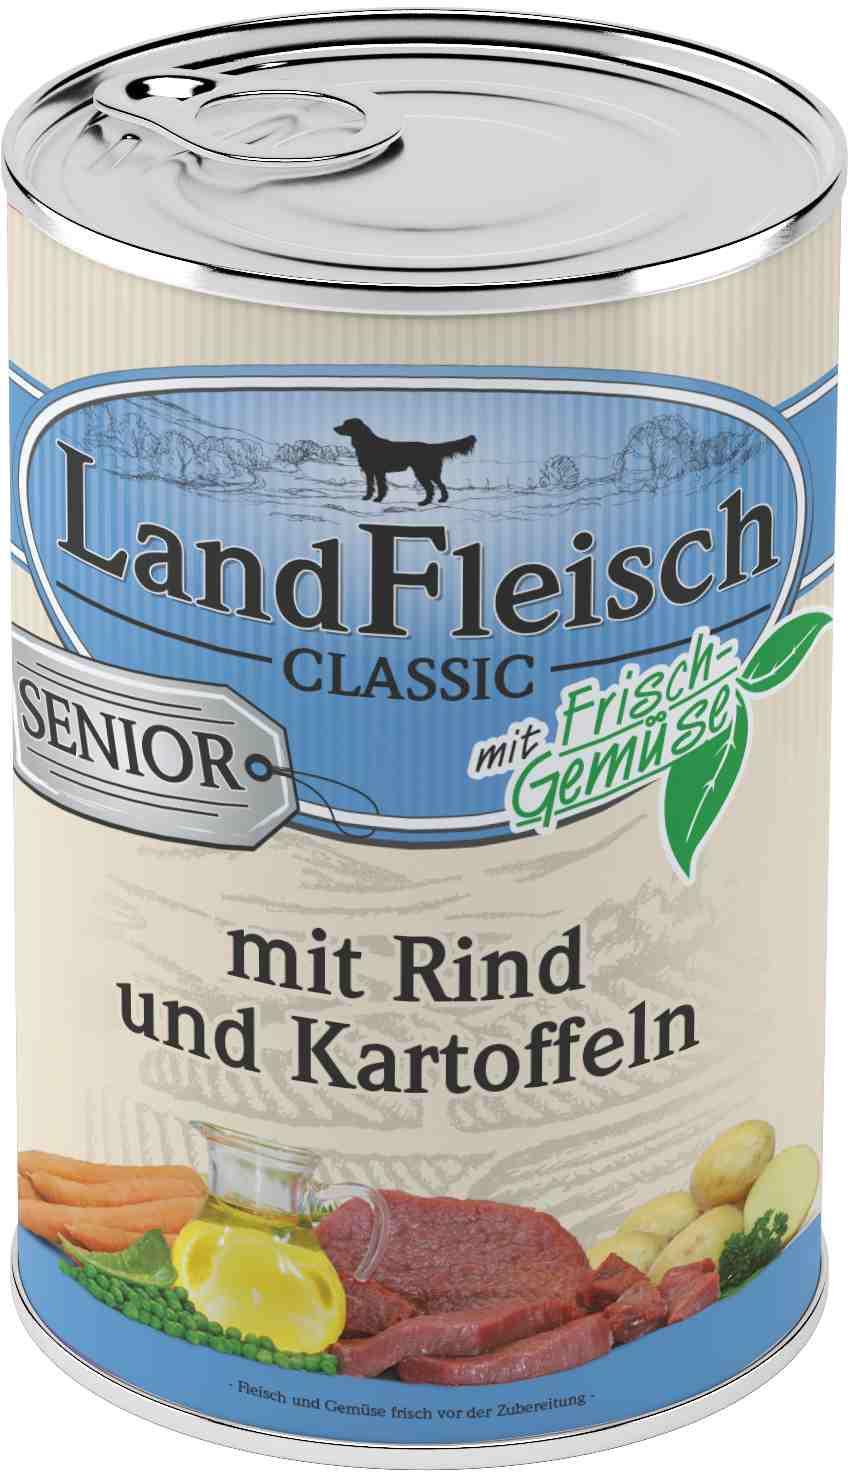 Landfleisch Dog Classic Senior Rind, Kartoffeln 400g